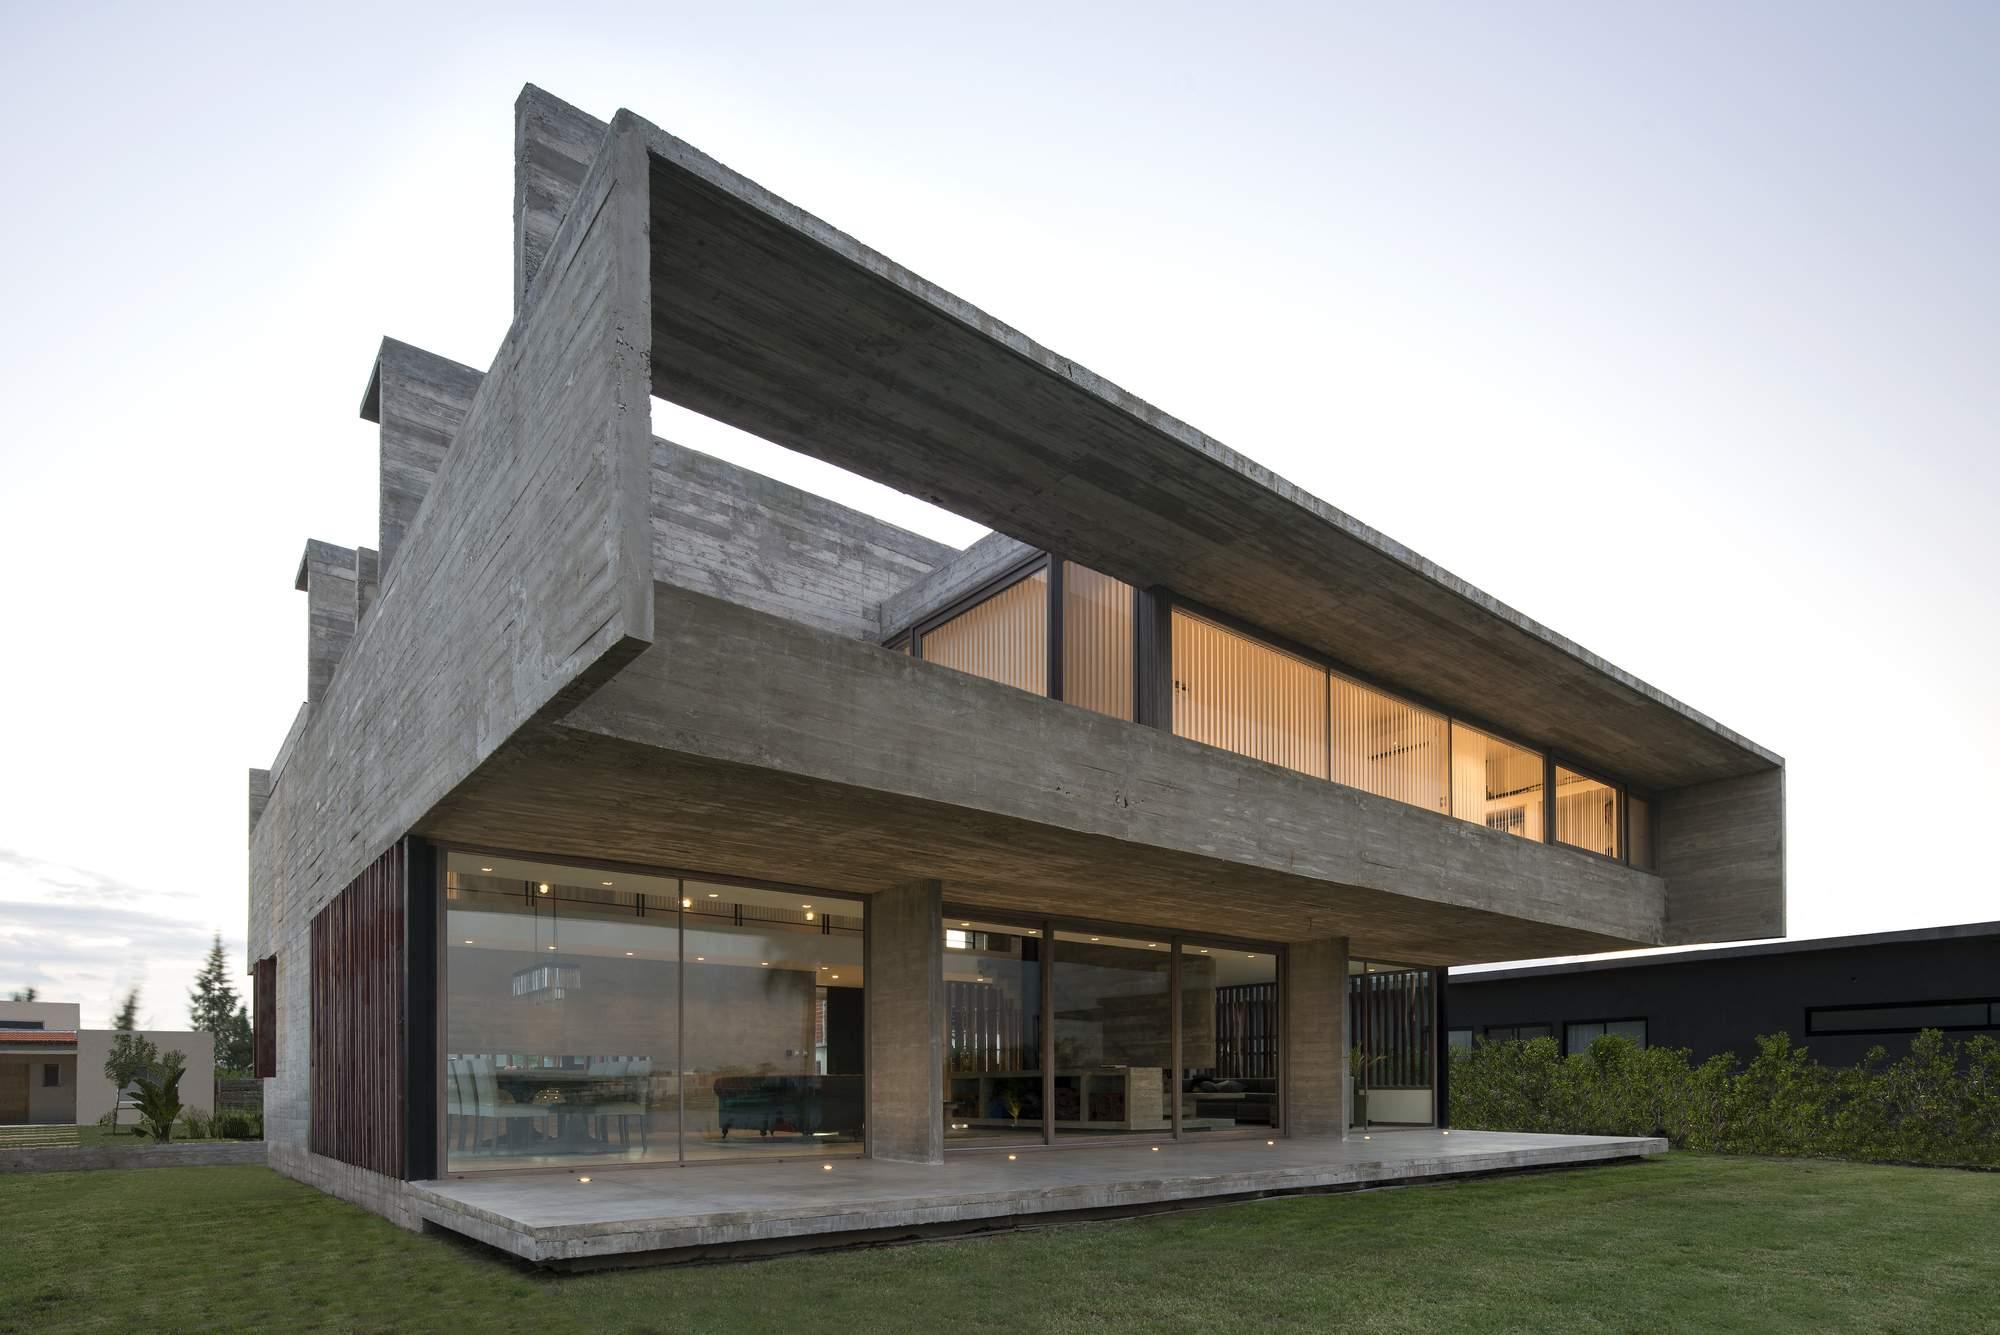 Бетонный дом с видом на лагуну, Аргентина